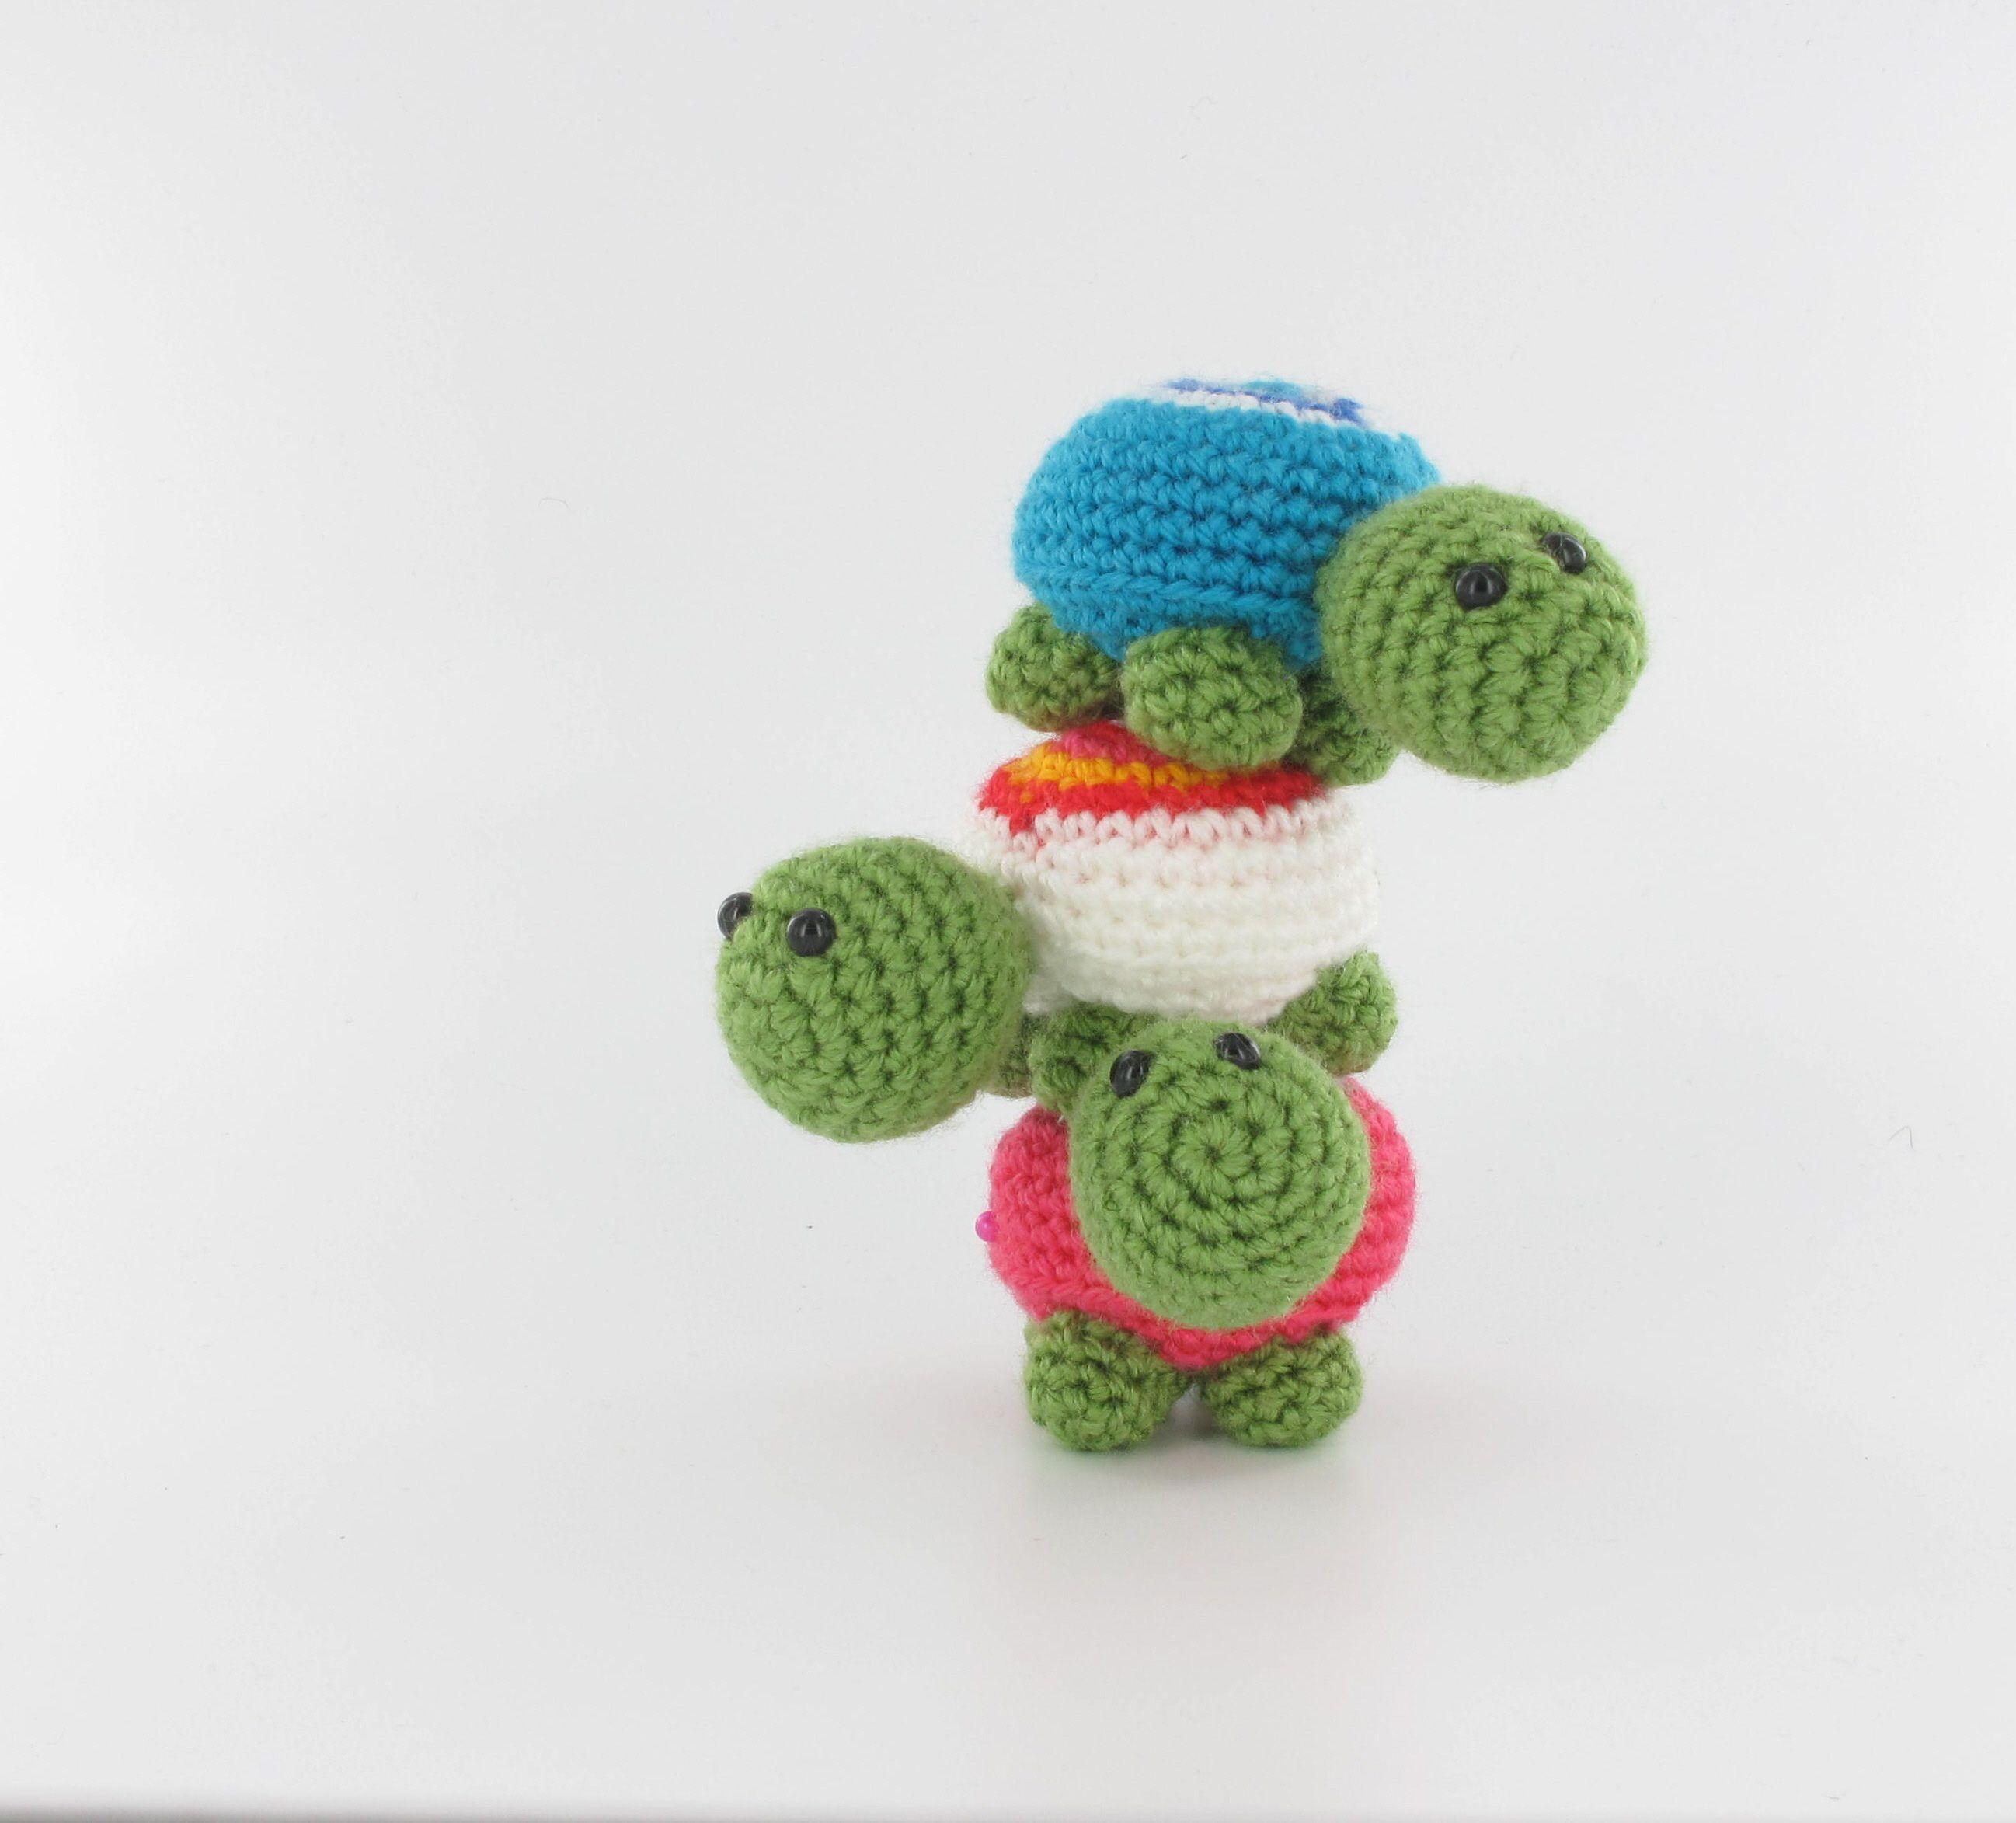 Little turtles from Woolytoons | CROCHET AMIGURUMI | Pinterest ...